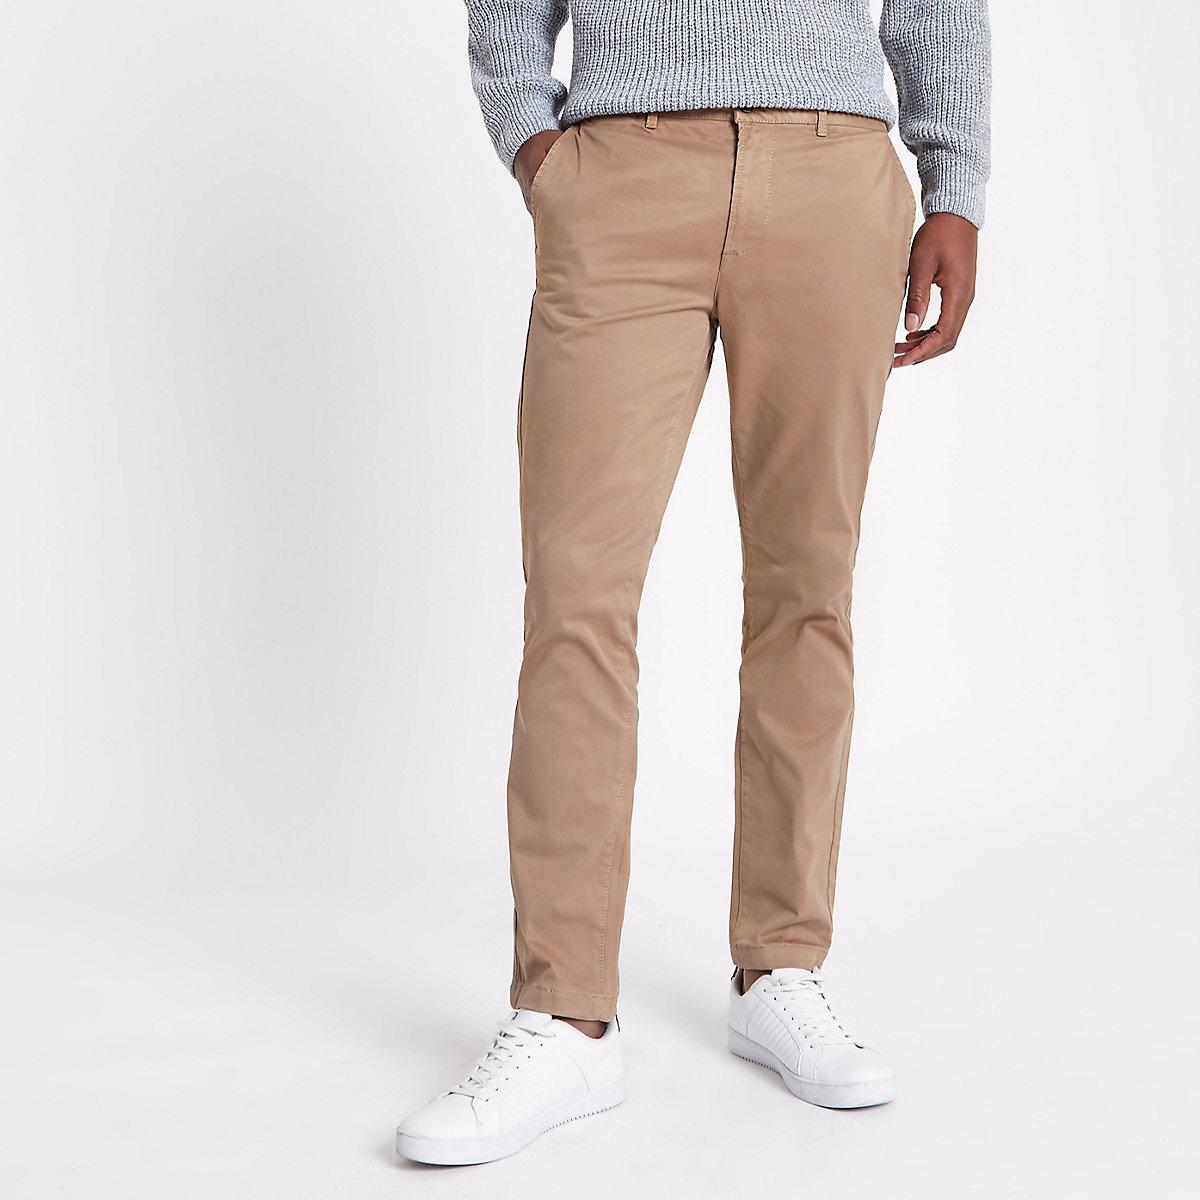 Tan brown slim fit chino pants